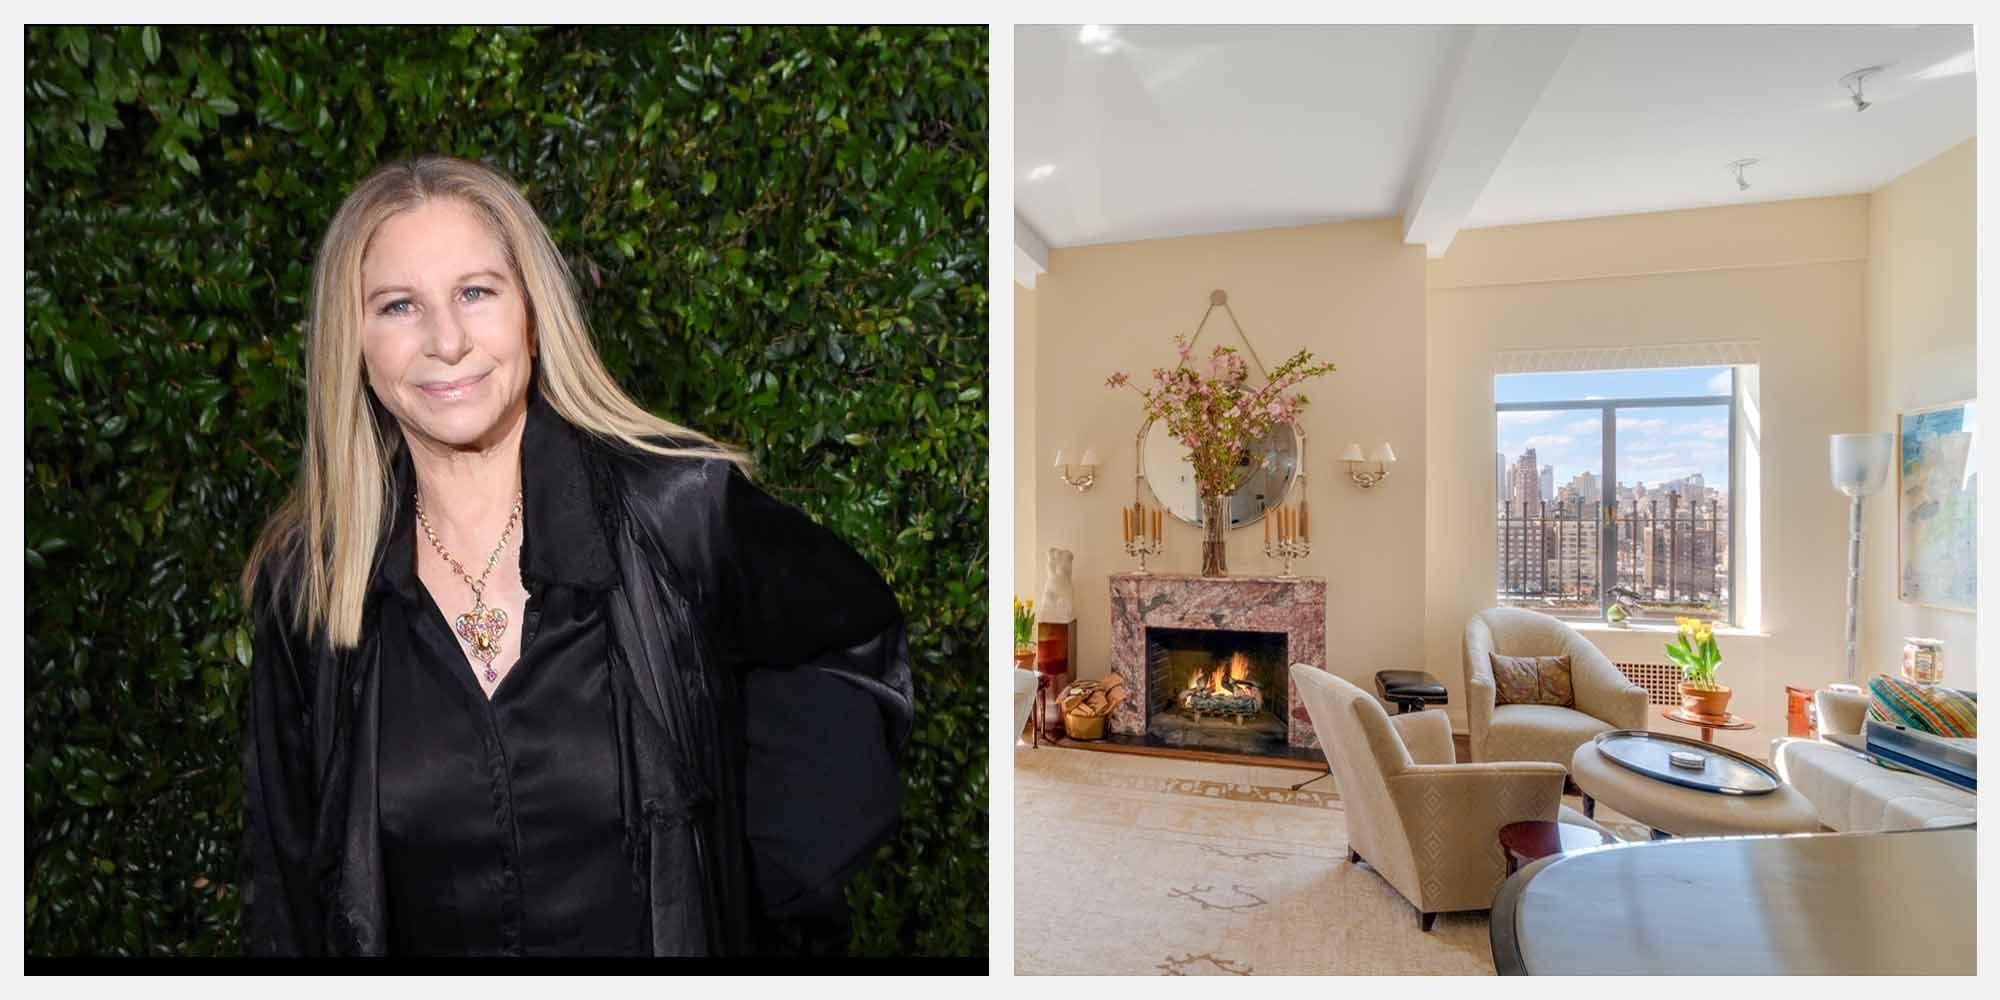 Barbra Streisand's Former New York City Home Listed for $11.25 Million